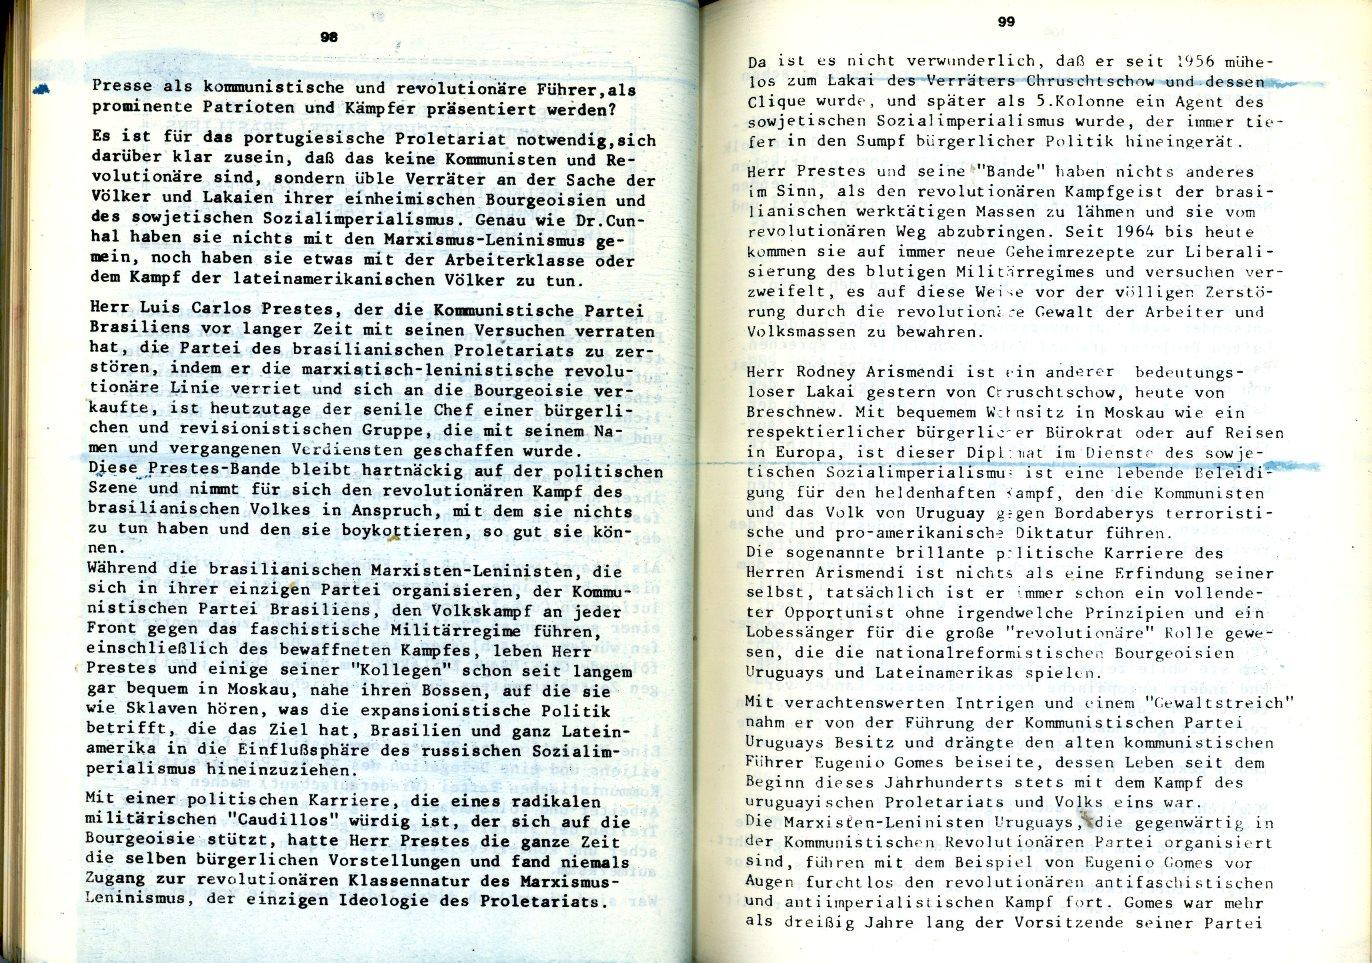 MLSK_Theorie_und_Praxis_des_ML_1978_20_58